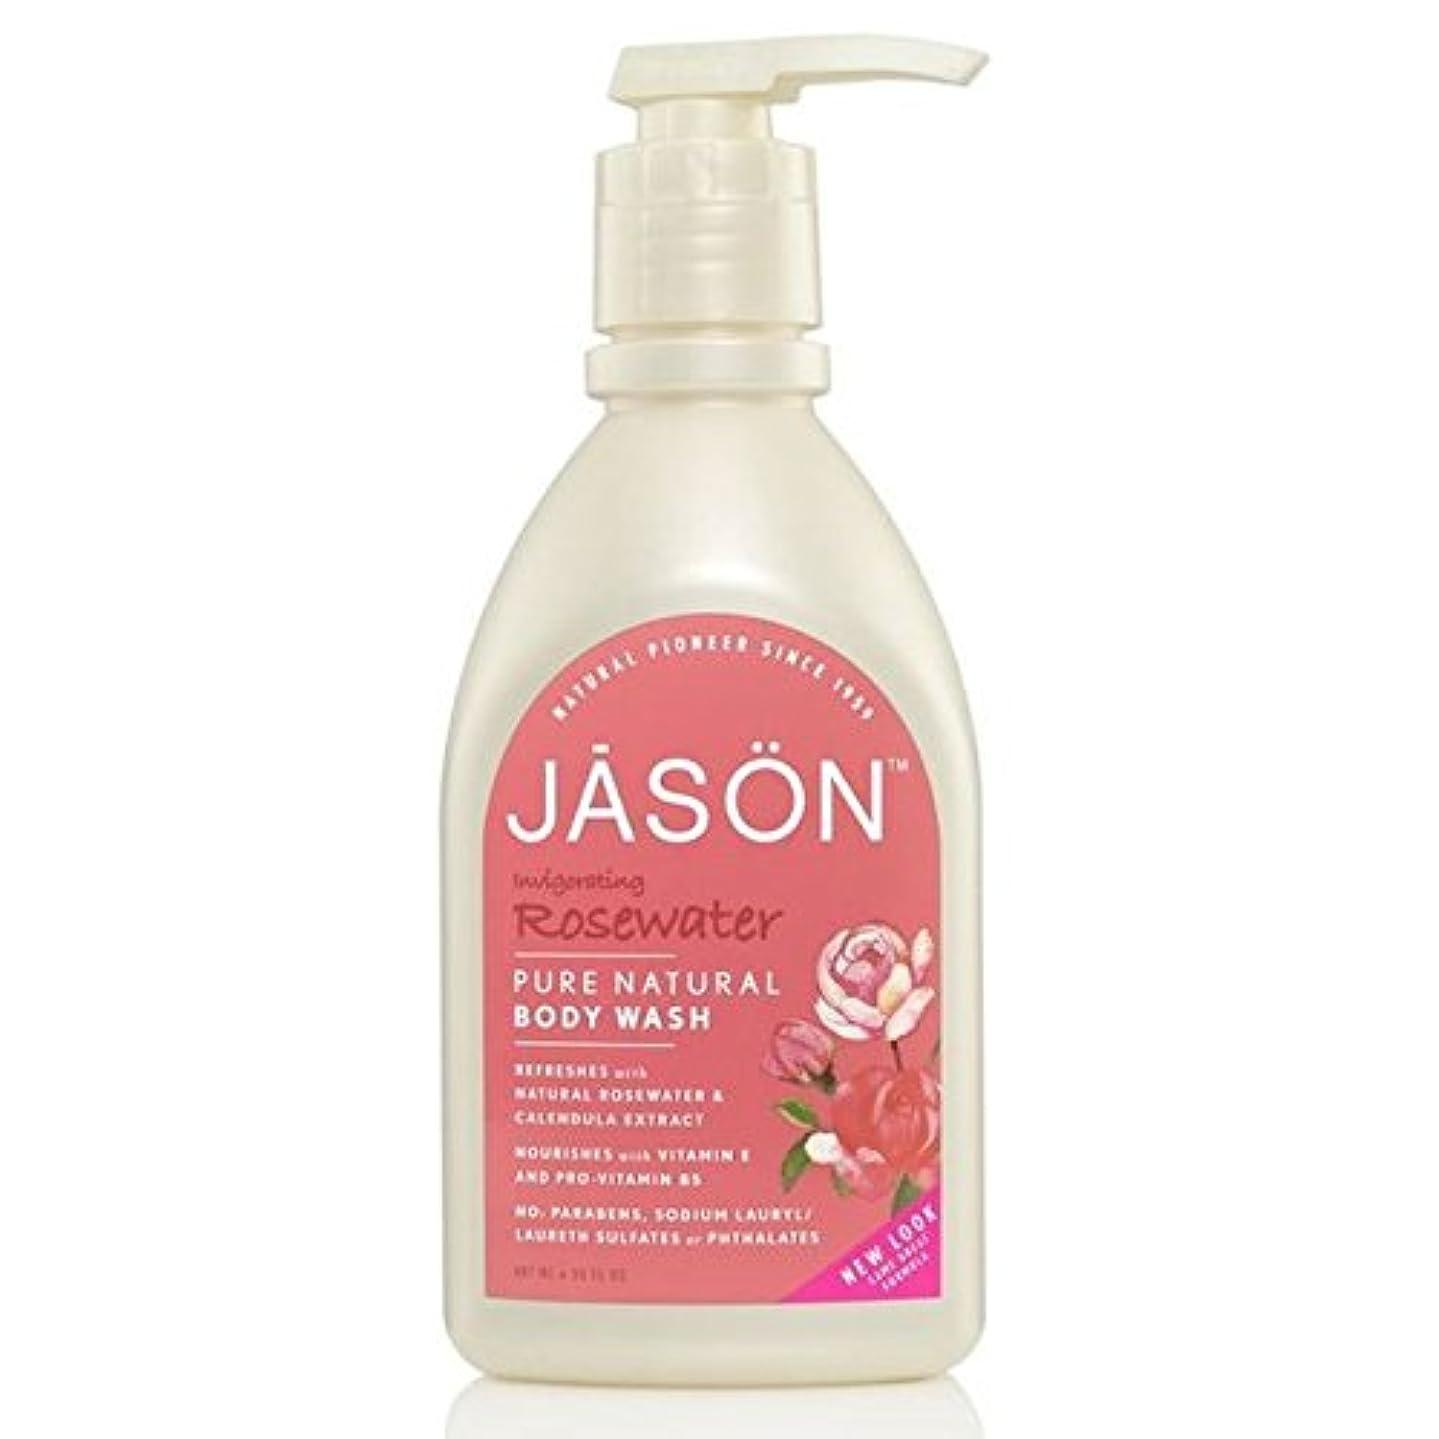 一見慢性的アプライアンスJason Body Wash Rosewater Satin Shower 900ml - ジェイソン?ボディウォッシュローズウォーターサテンシャワー900ミリリットル [並行輸入品]